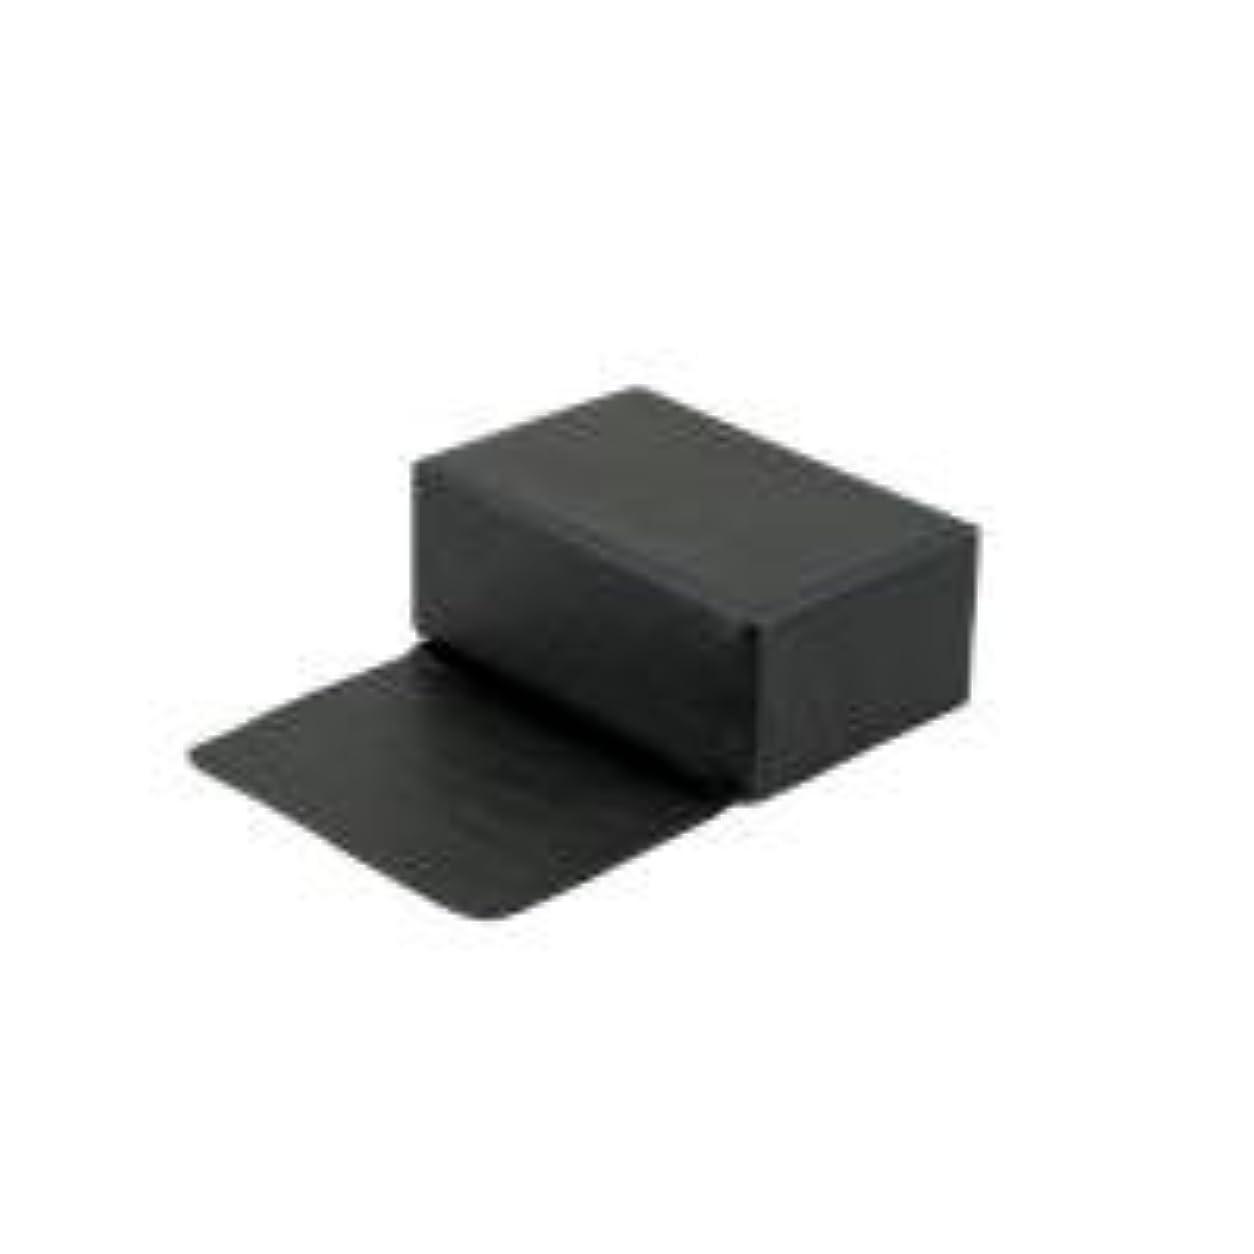 オセアニアゲインセイパイロット子供補助イス(マット付き) ブラック65140